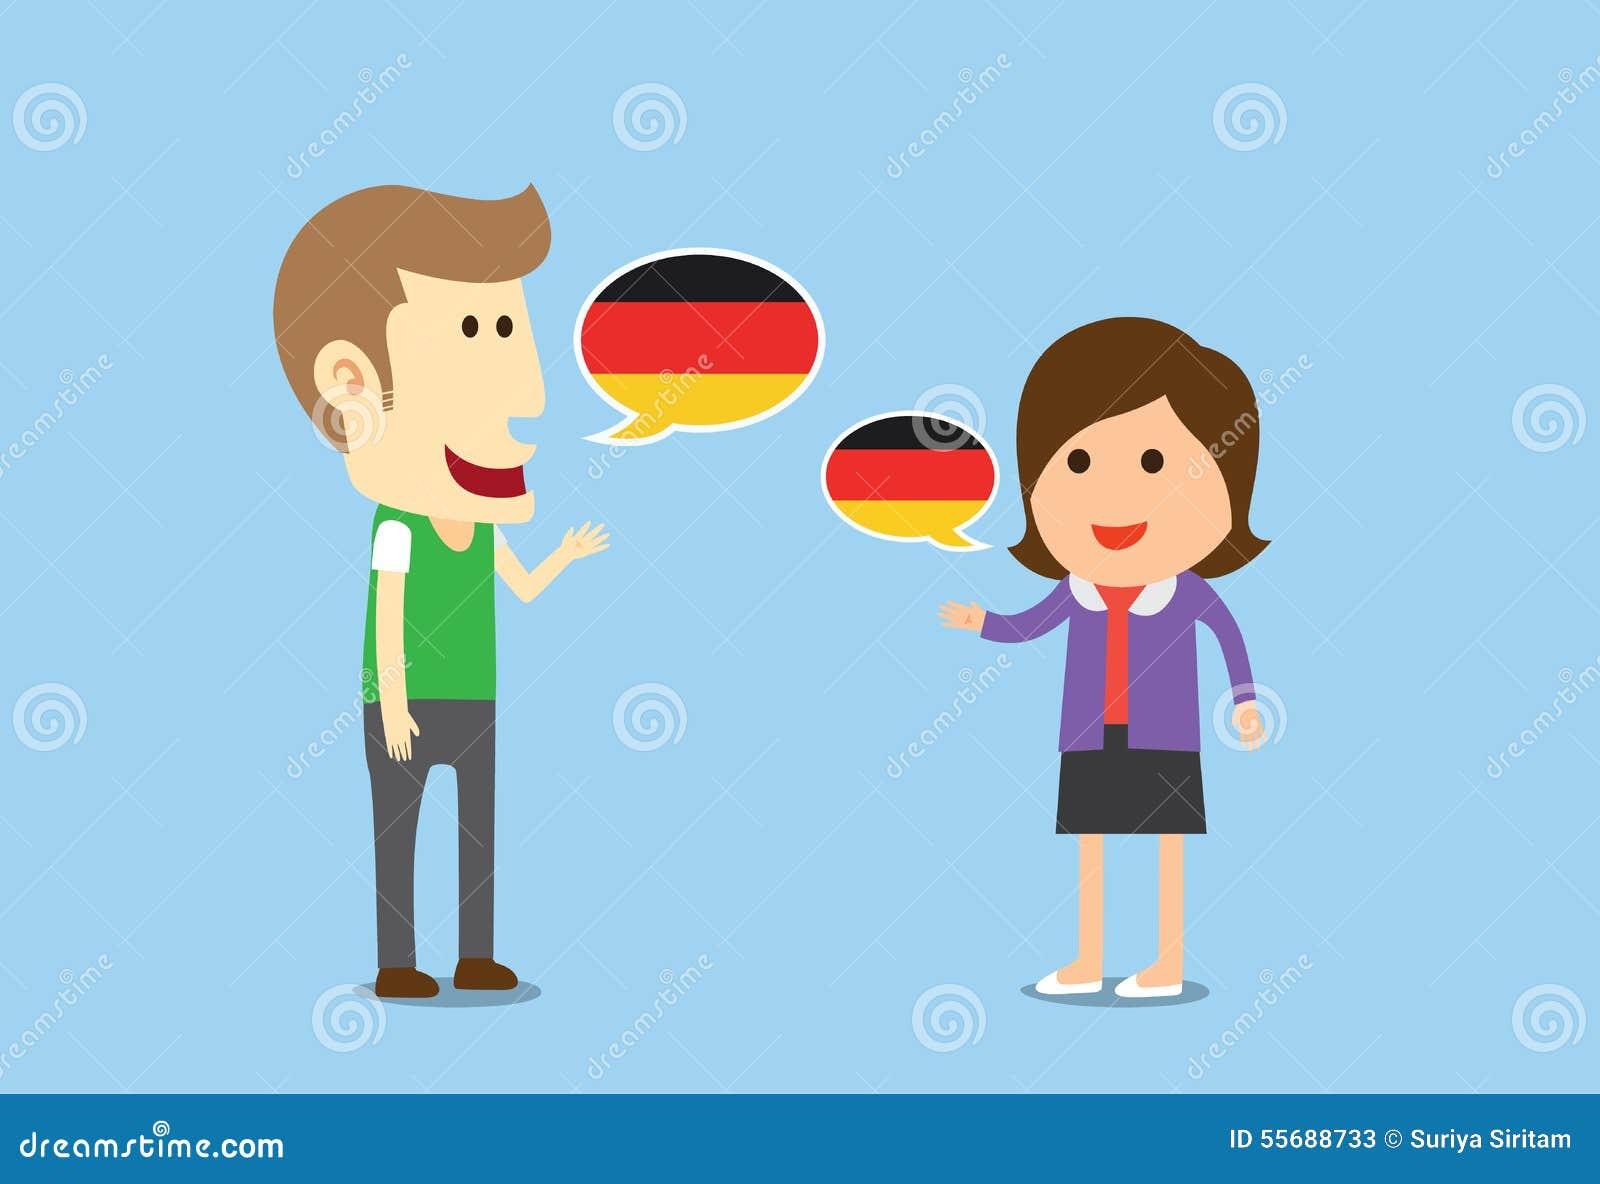 Women And Man Speaking German